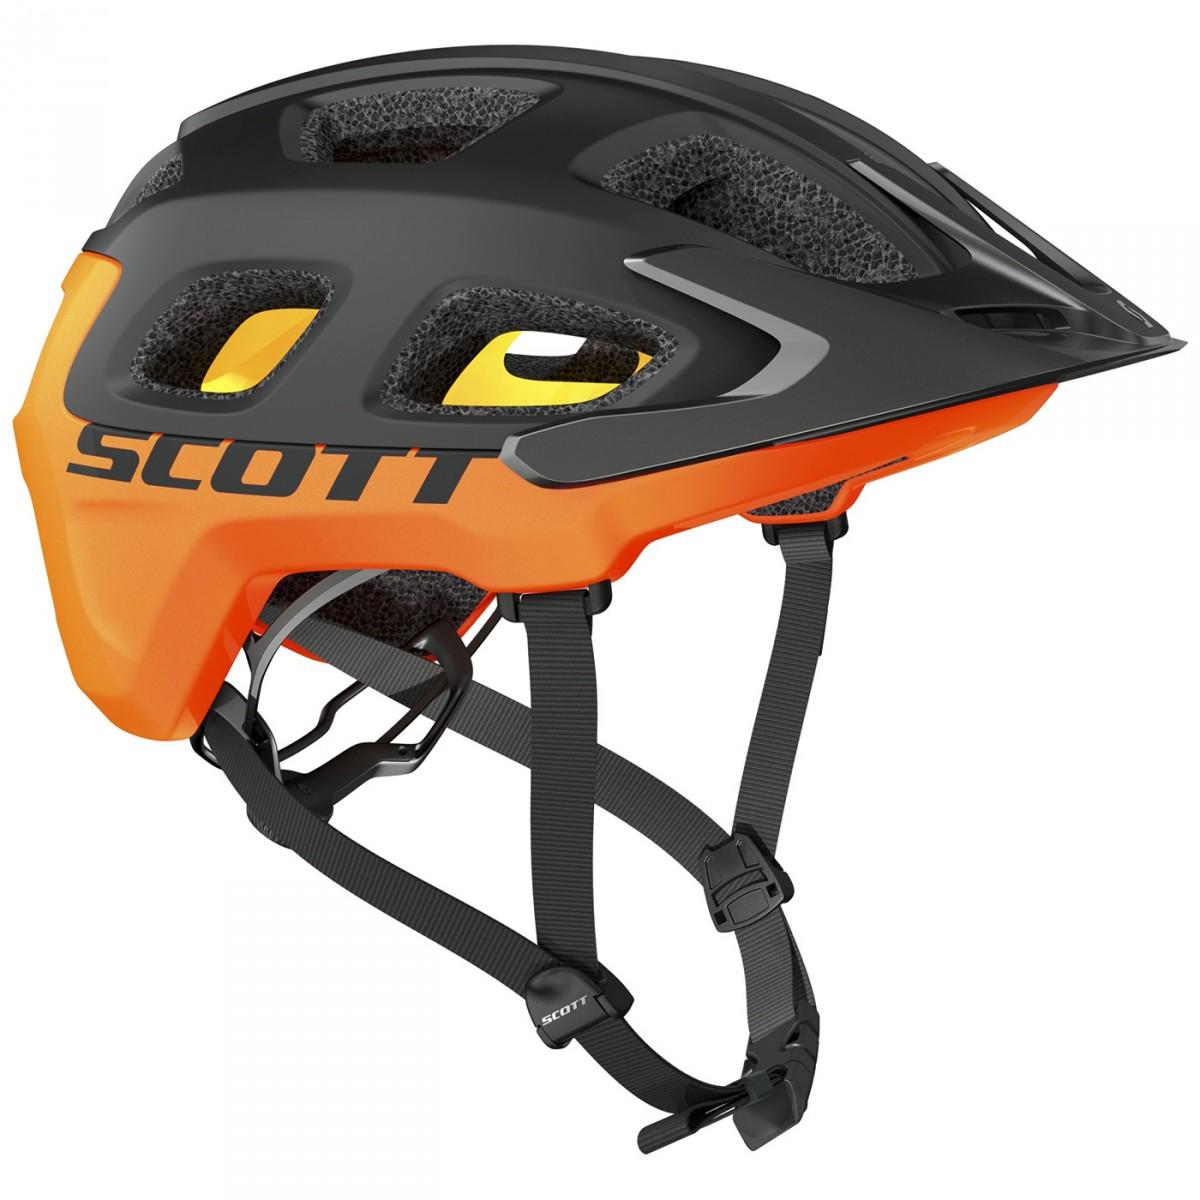 casque cyclisme scott vivo plus casques et accessoires. Black Bedroom Furniture Sets. Home Design Ideas